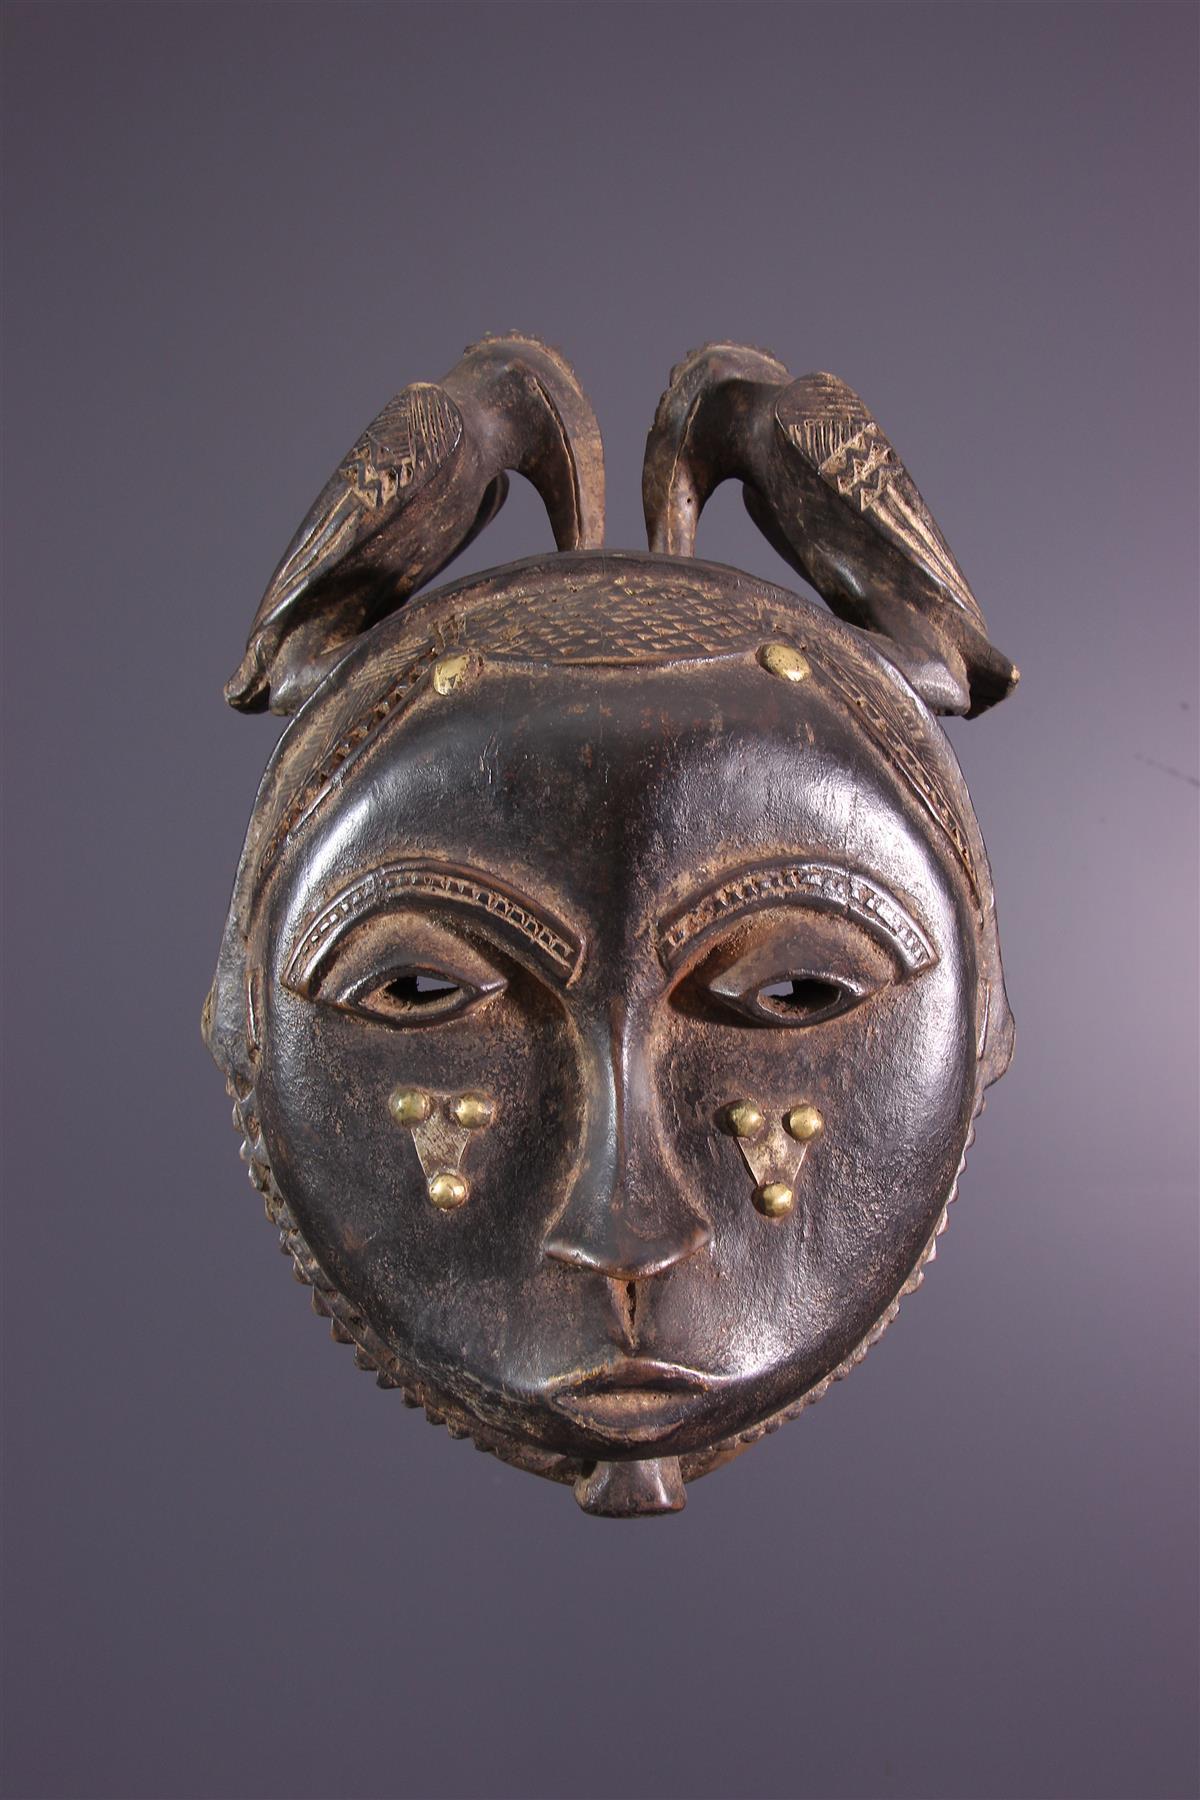 Masque Baule Yohoure - Art africain